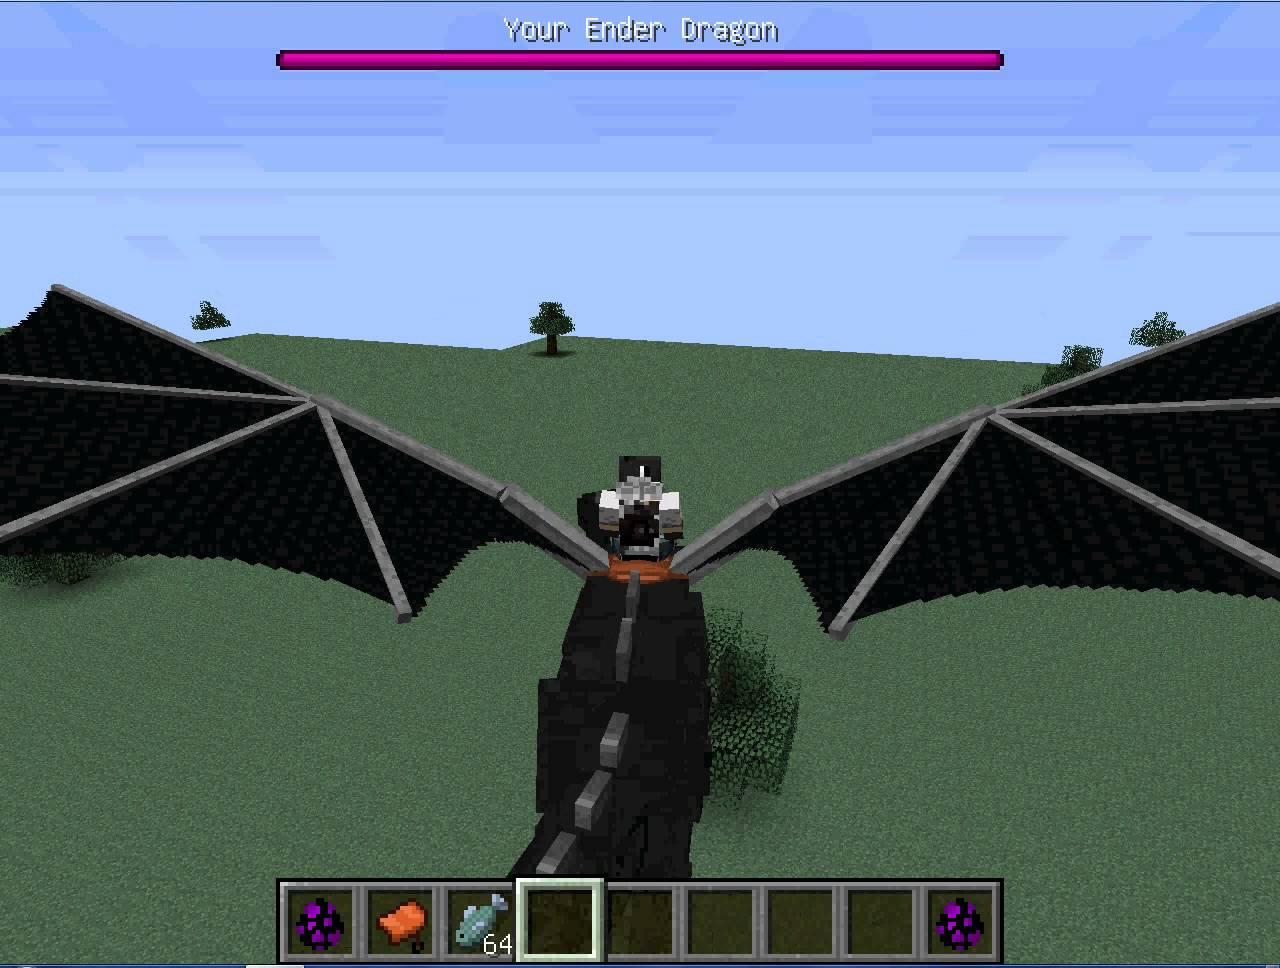 как приручить дракон в майнкрафте с модом #9